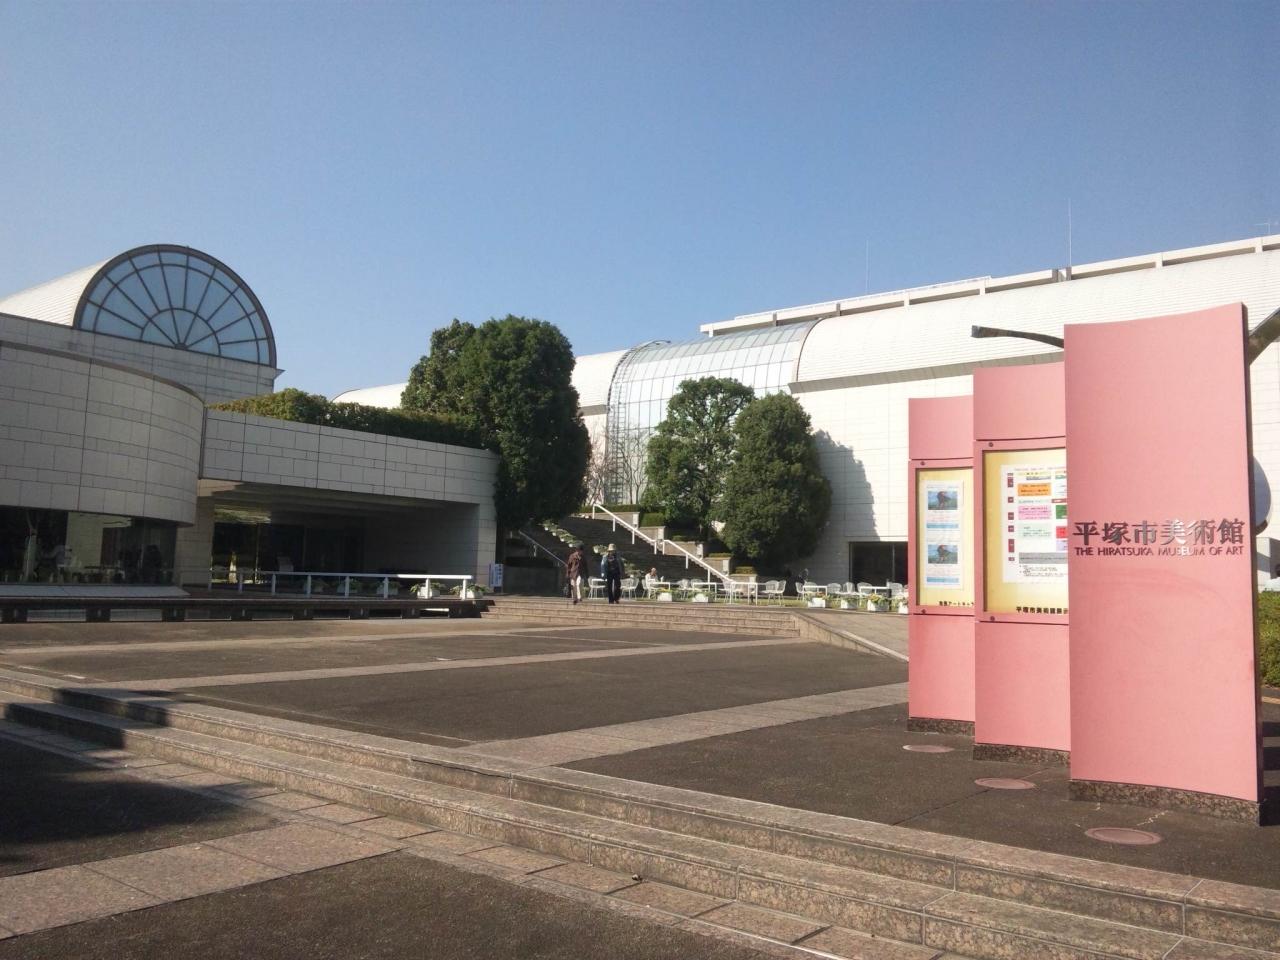 平塚市美術館行ってみた』平塚・大磯(神奈川県)の旅行記・ブログ by ...